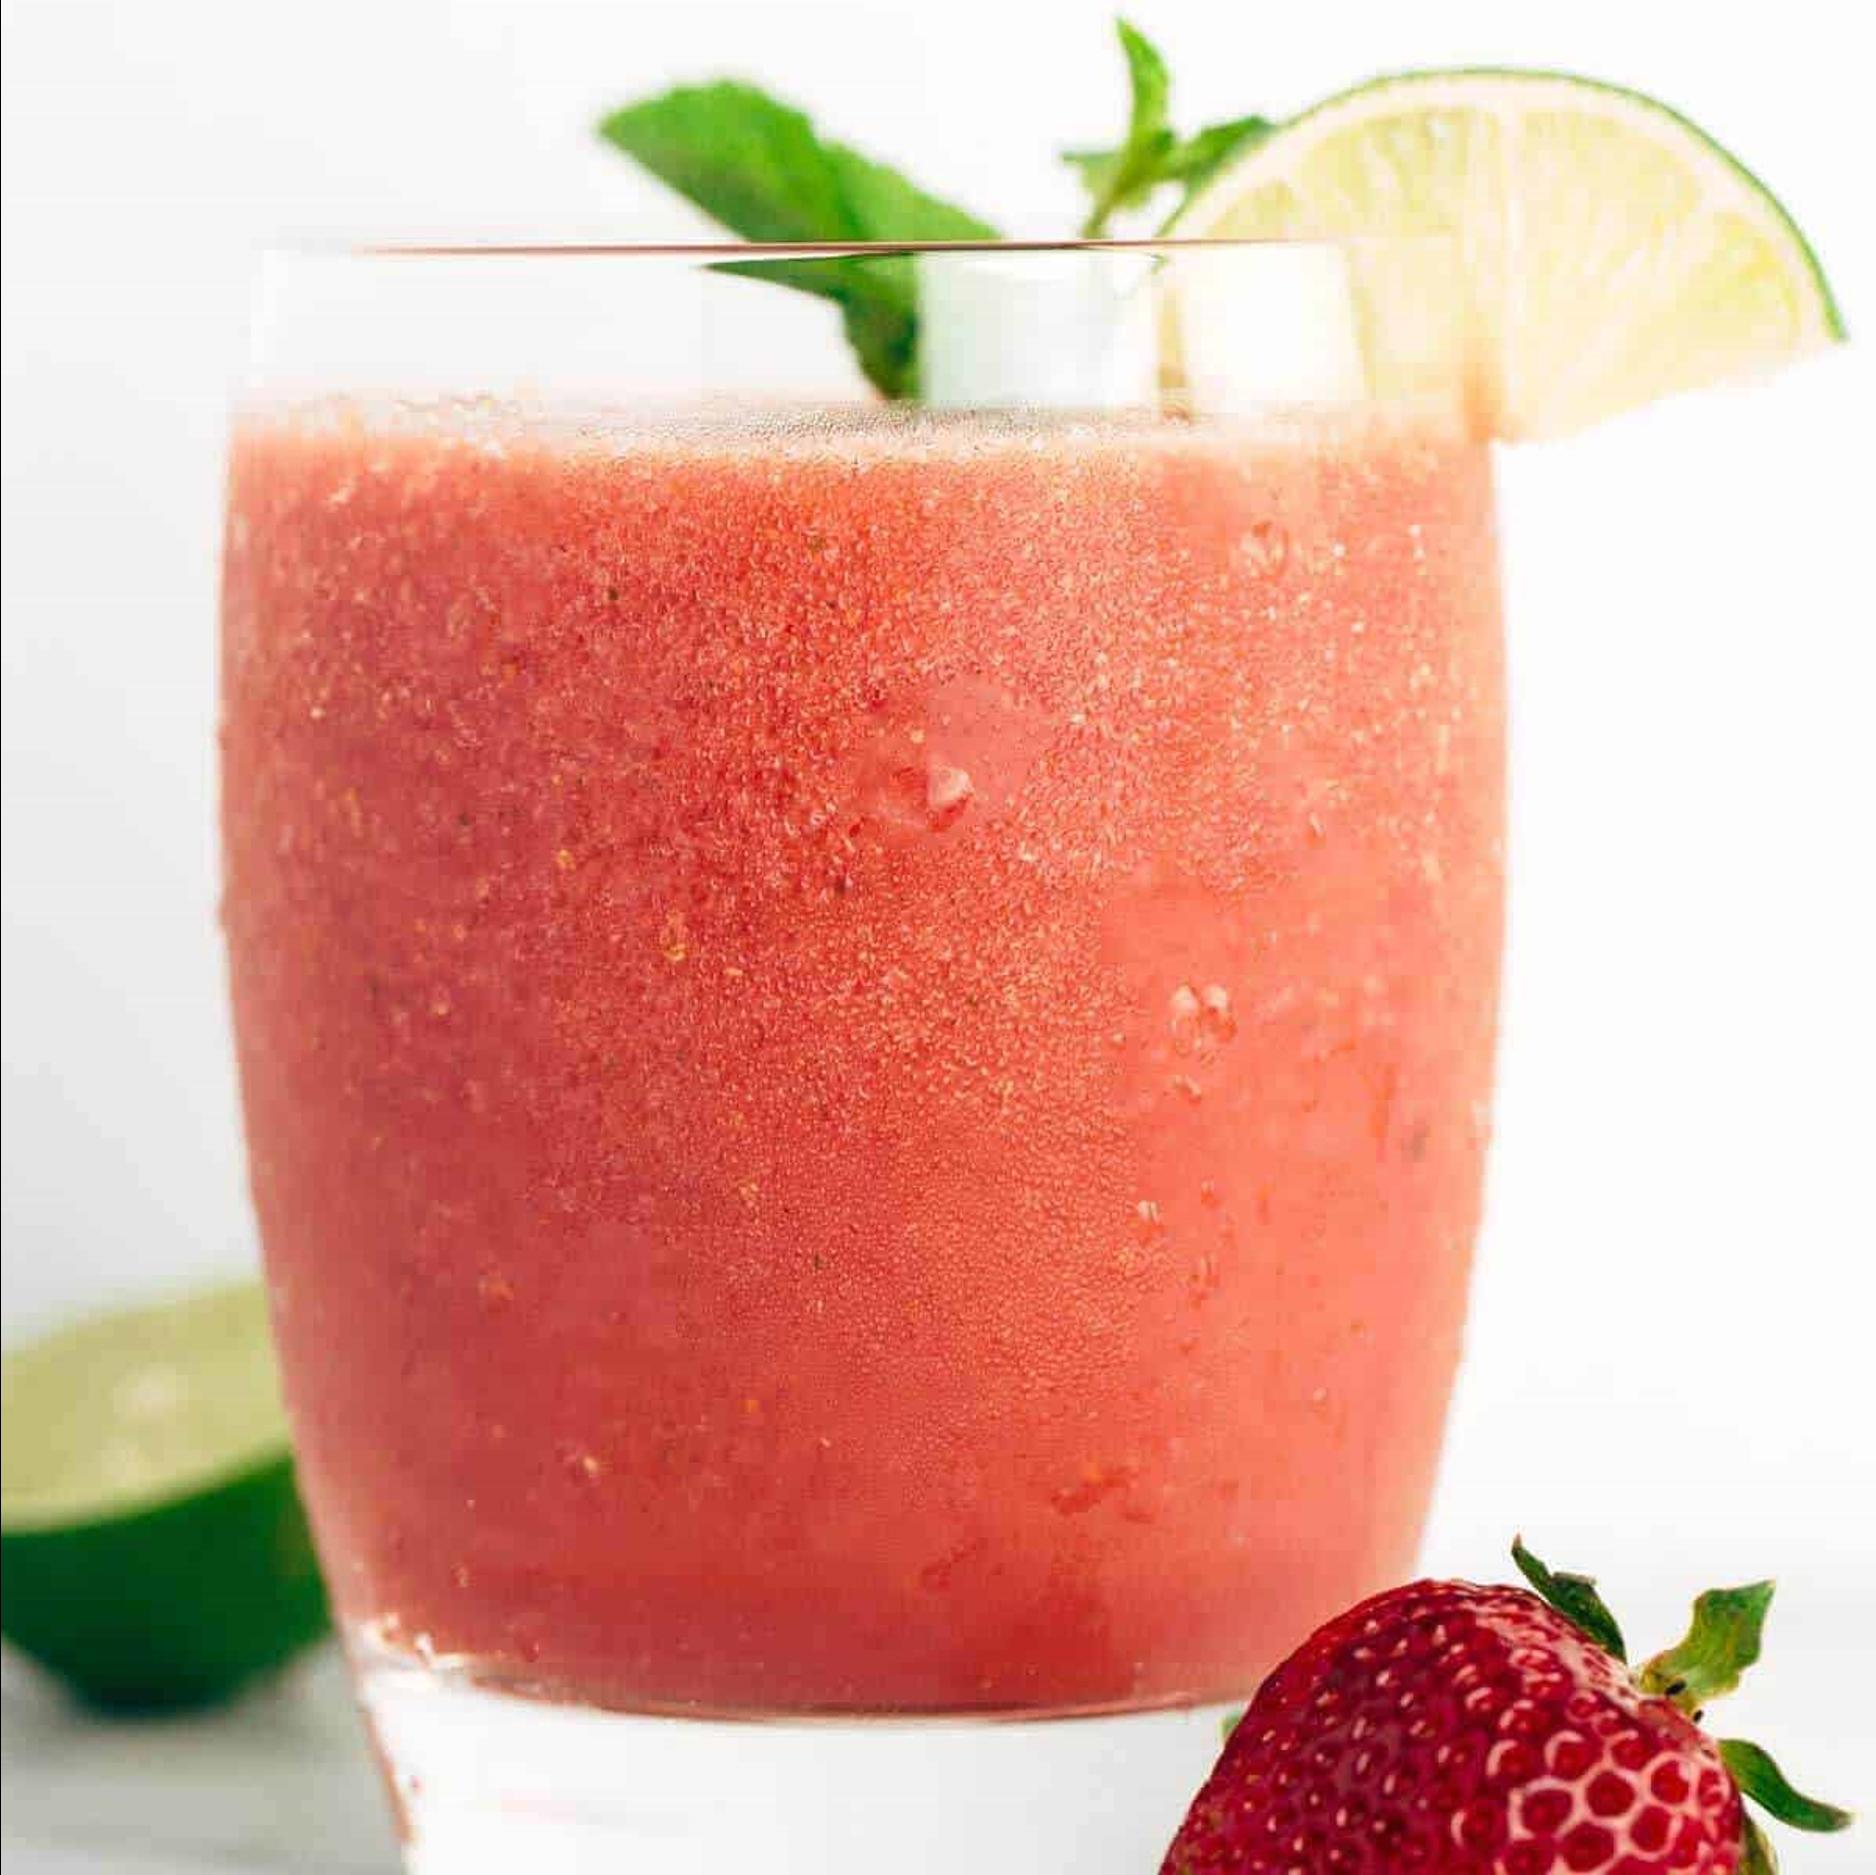 وصفة مشروب البطيخ لمرضى الكلى